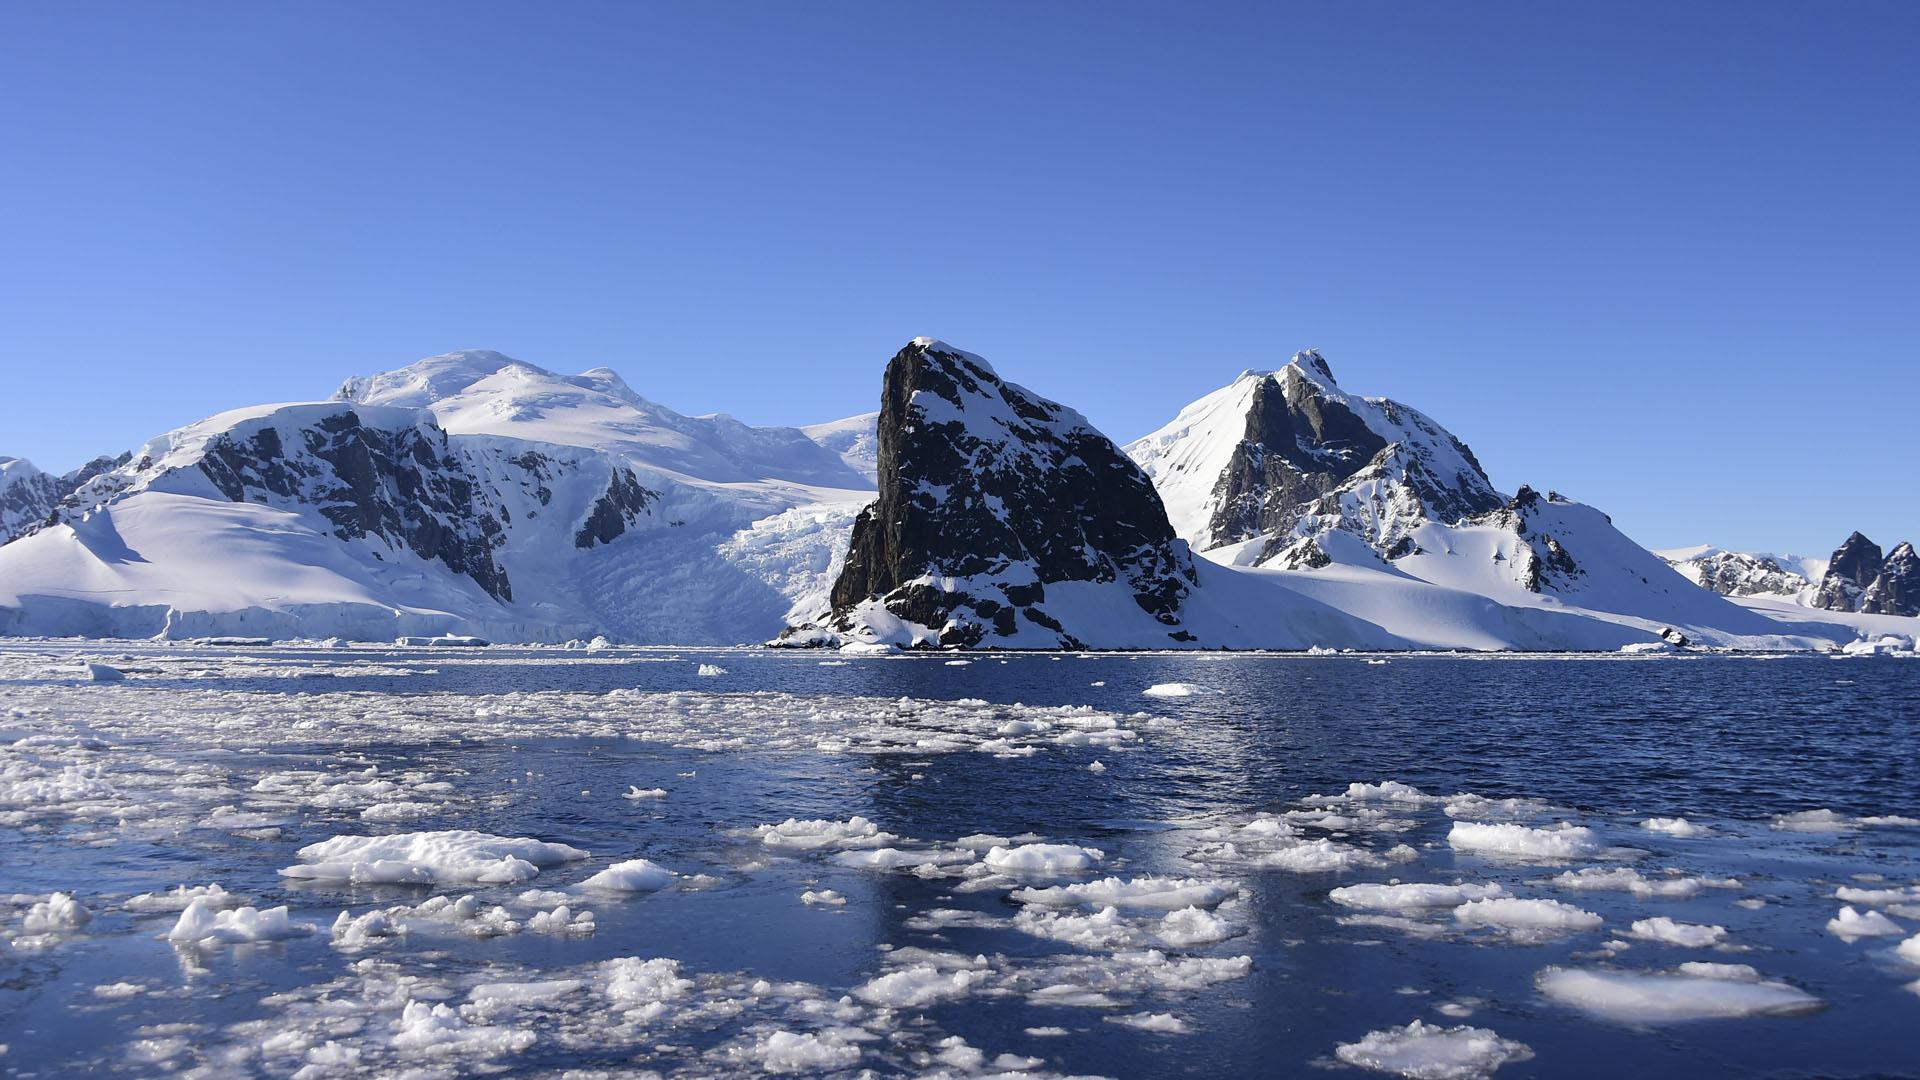 Vista del puerto de Orne en las Islas Shetland del Sur, Antártida.